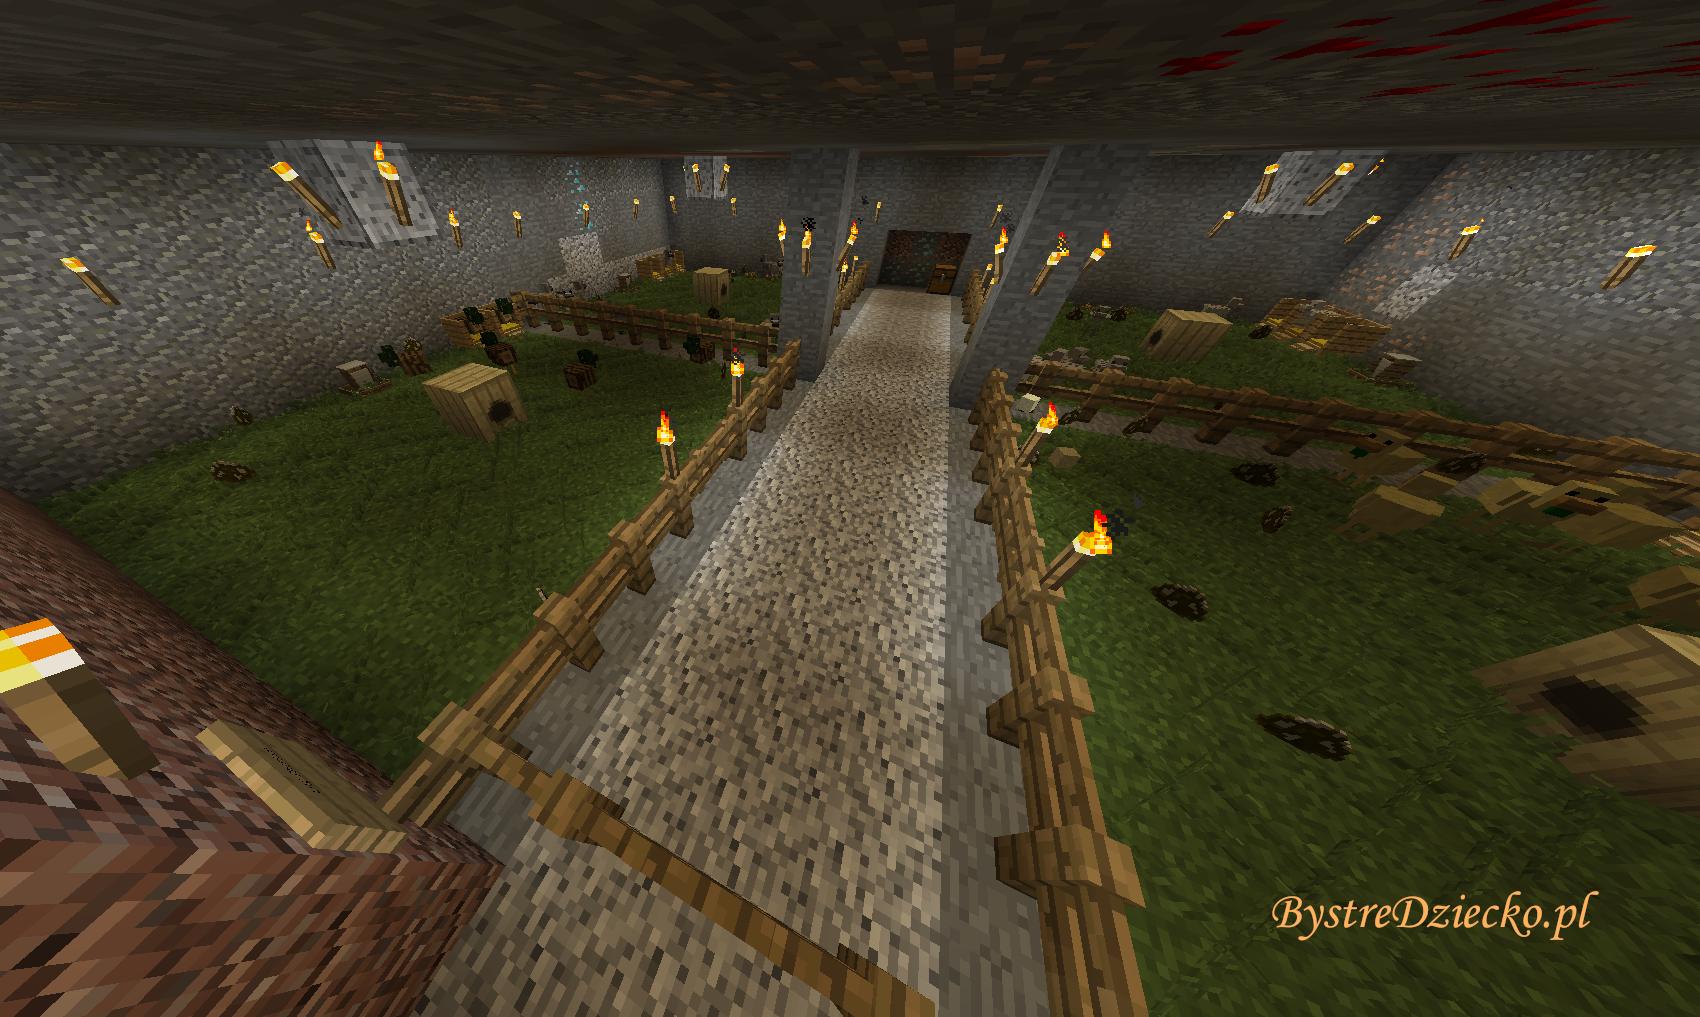 Mapa Minecraft dla dzieci Survival Creative - Kraina Kreatywna - mapy przetrwania i mapy twórcze